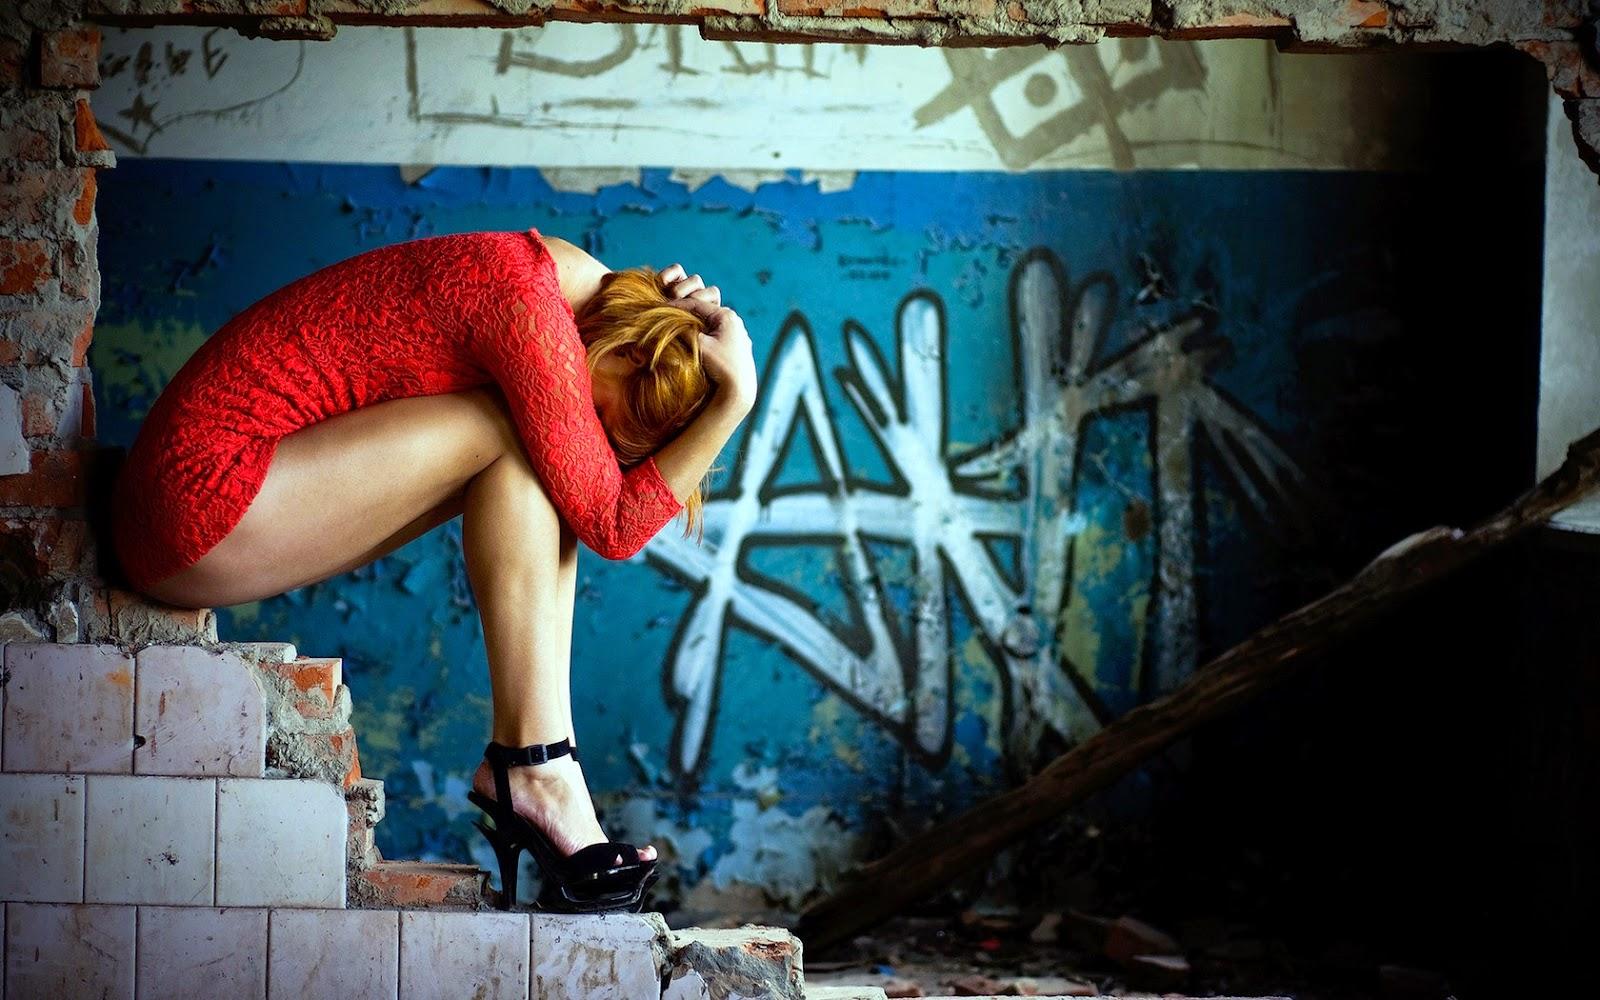 es legal la prostitución prostitutos